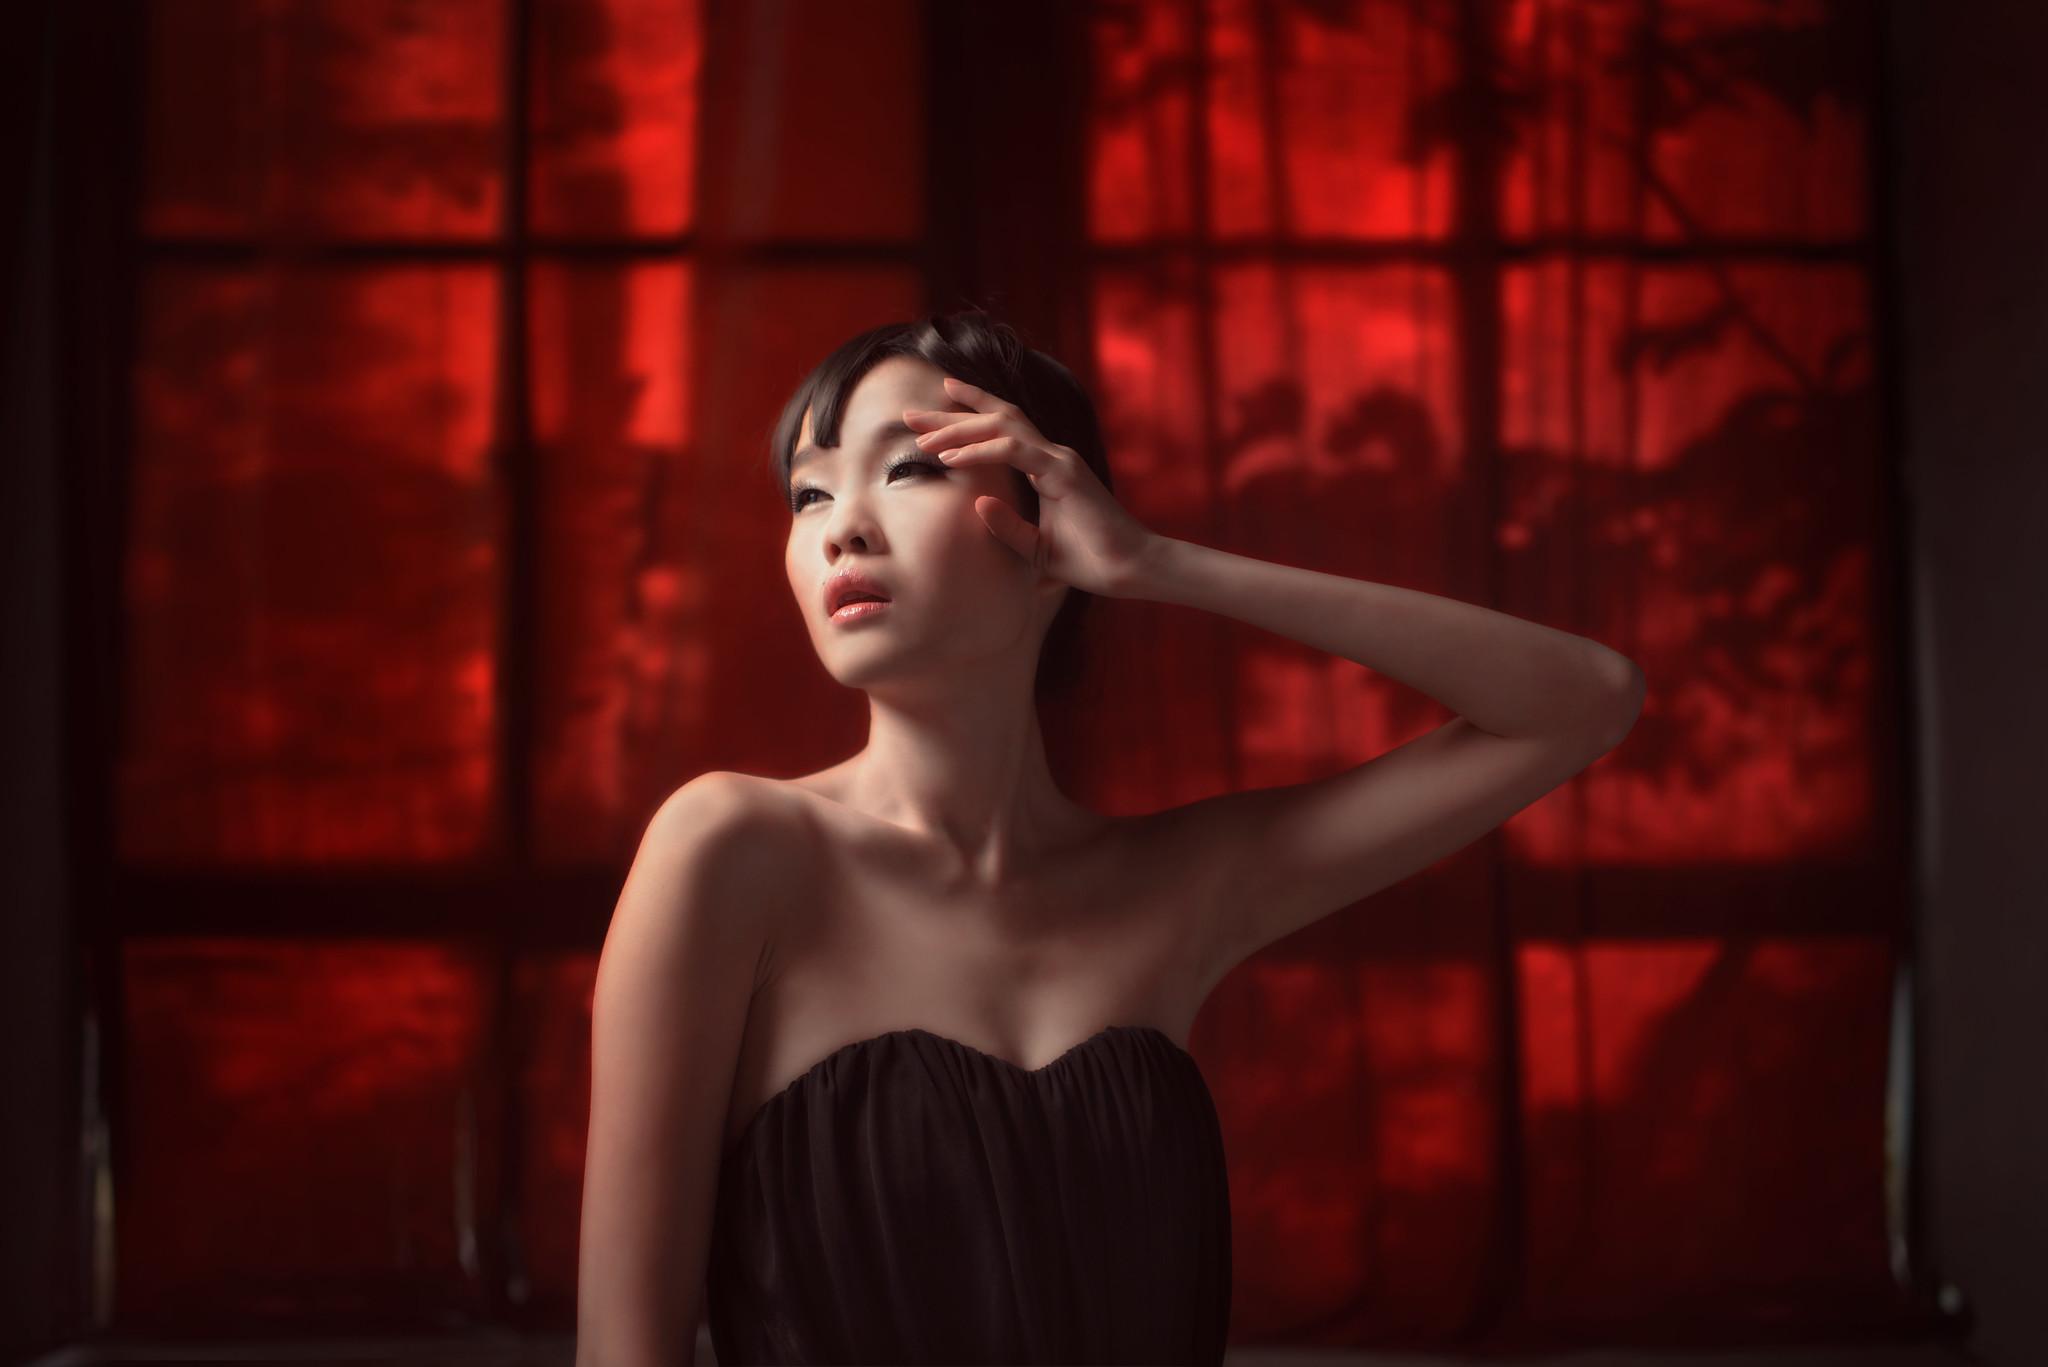 東法風格婚紗, EW, 寵物寫真, 自助婚紗, 自主婚紗, 台北婚攝, 台灣攝影師, Donfer